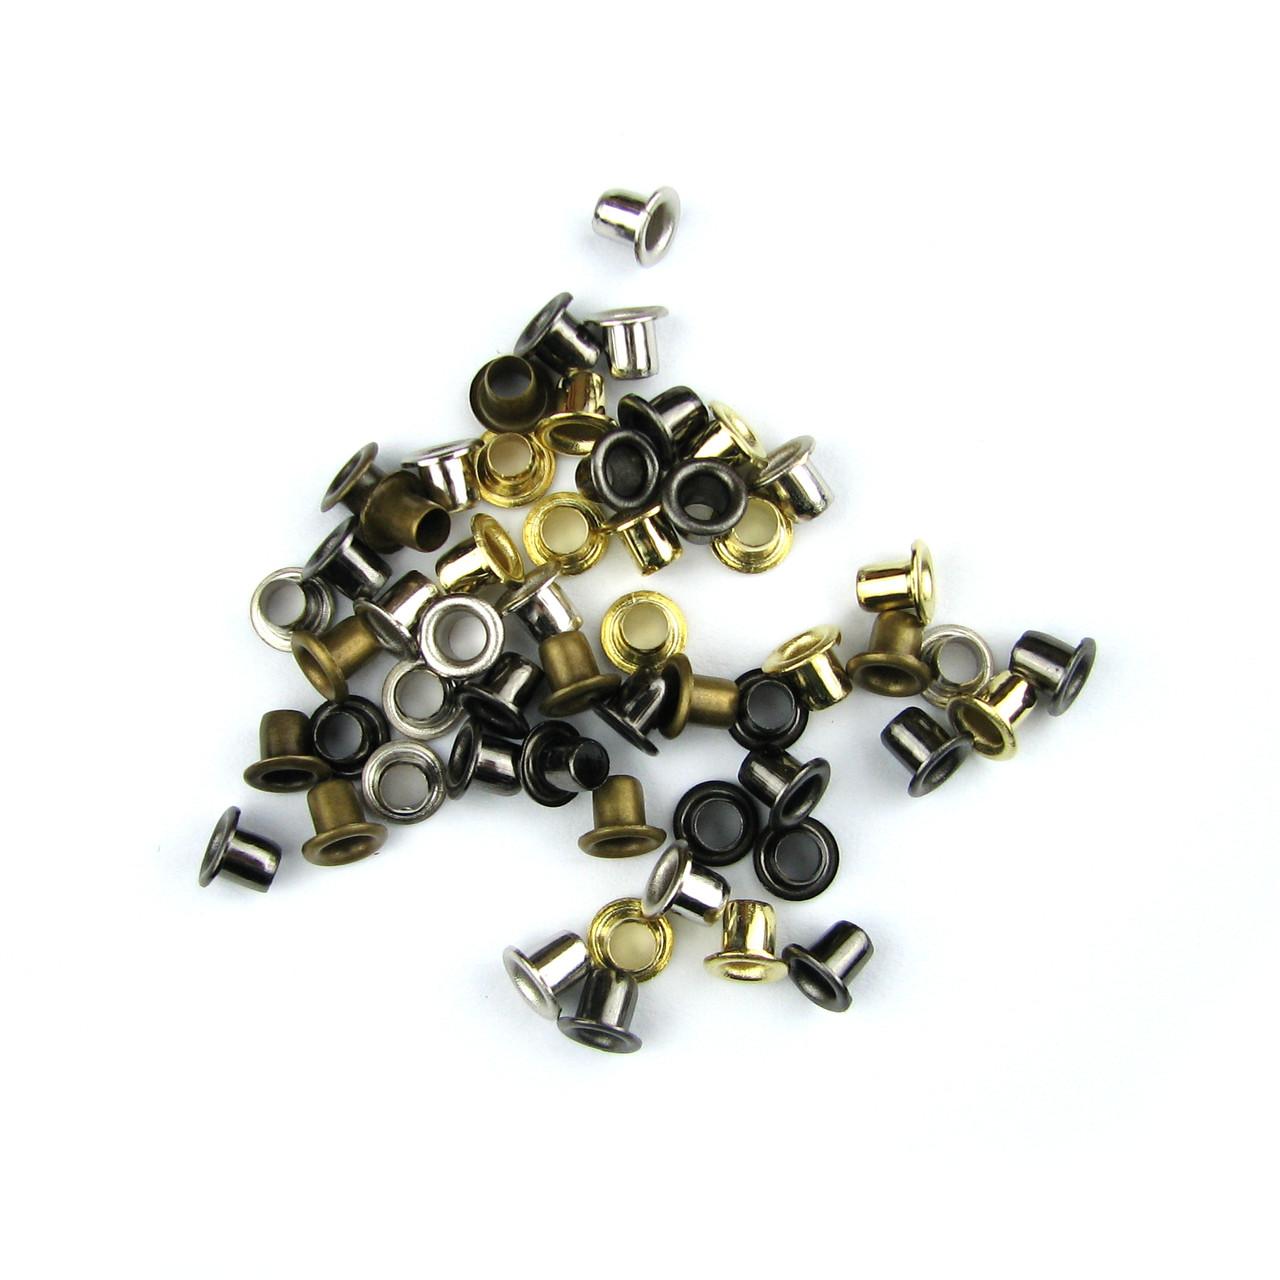 Люверсы Блочки для рукоделия 2,5мм разные цвета 25шт в наборе